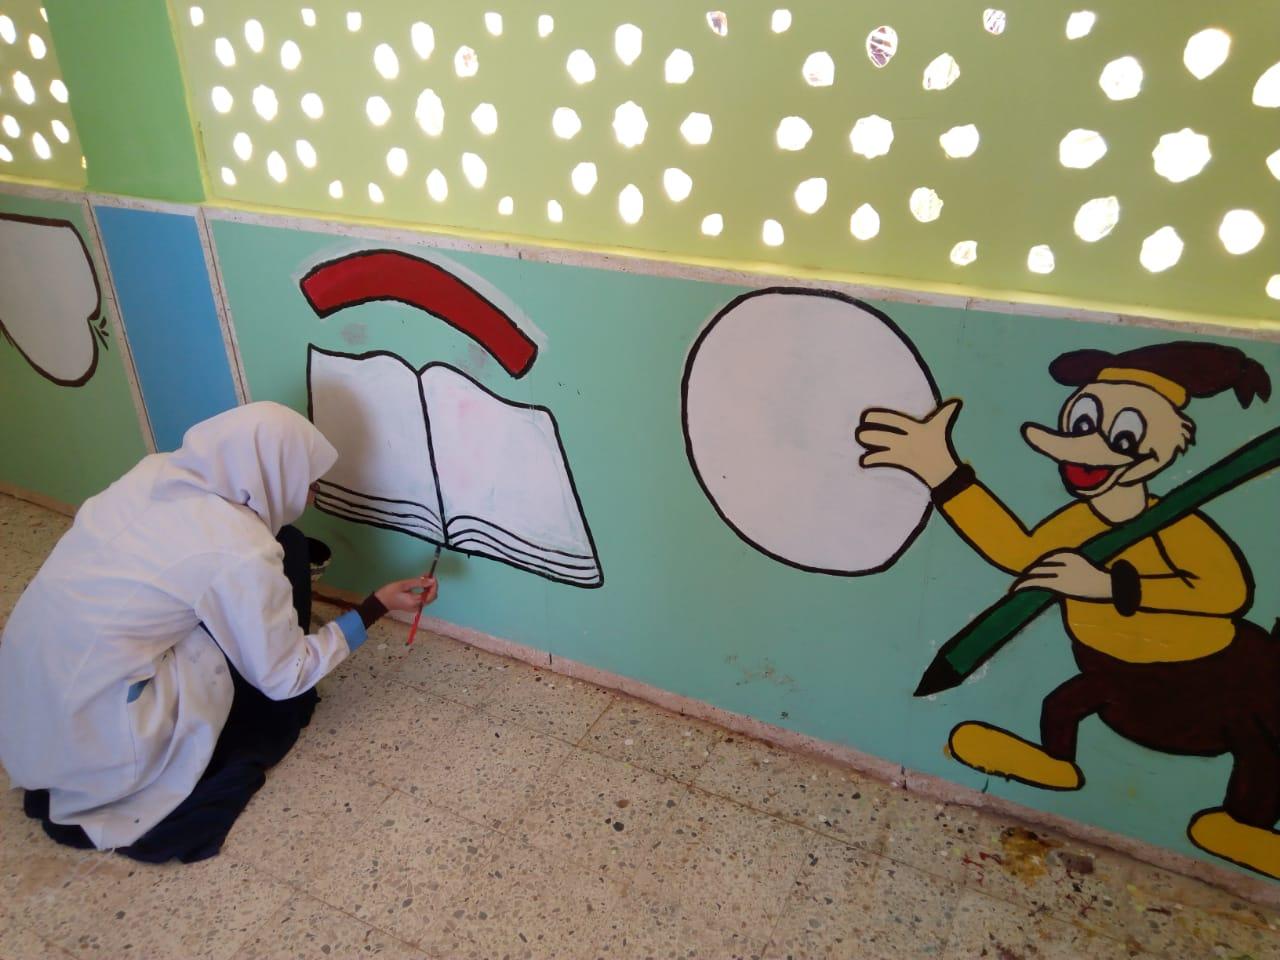 طالبات مدرسة موط الفنية ينفذن مبادرة تجميل أسوار المدارس بلوحات جدارية (1)